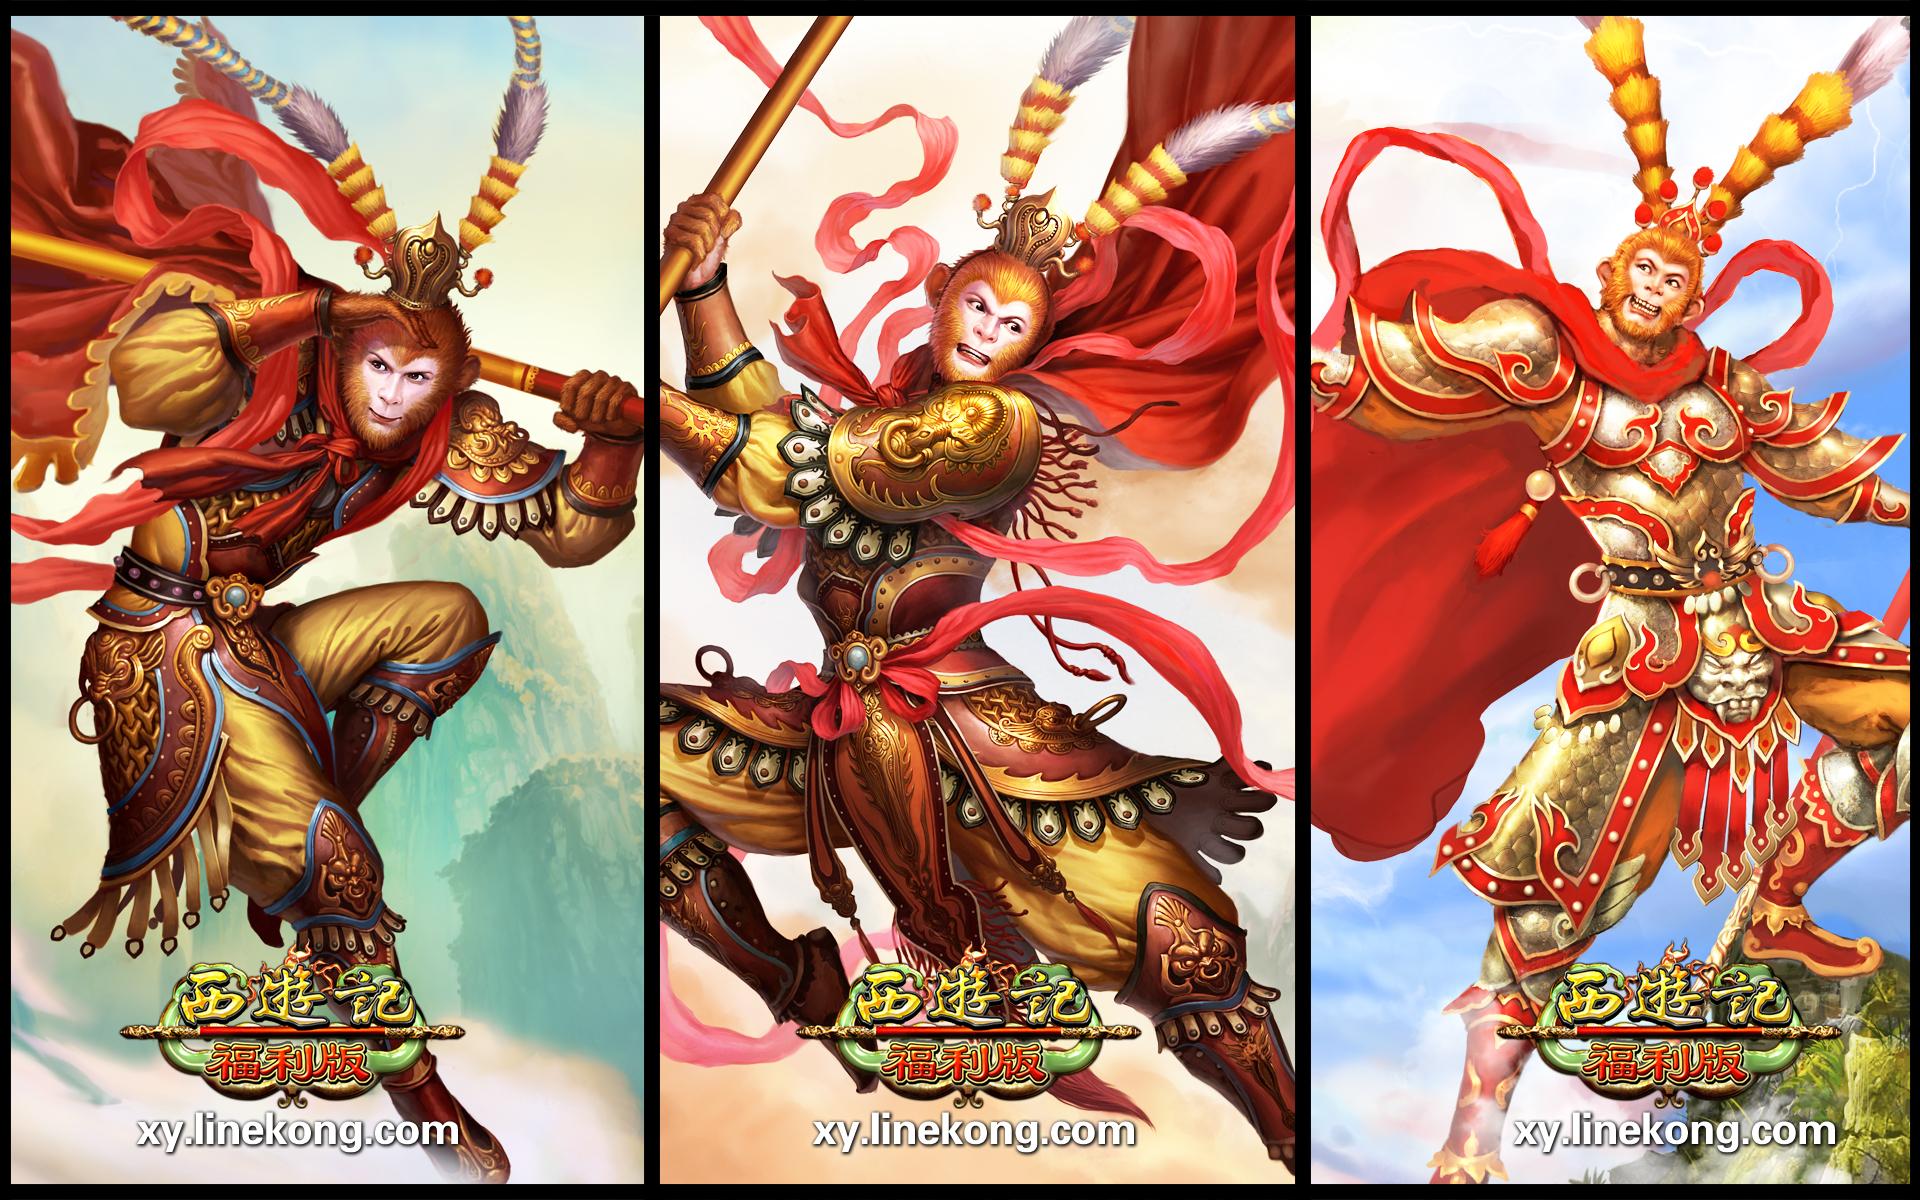 蓝港在线《西游记》创作的三版孙悟空形象海报